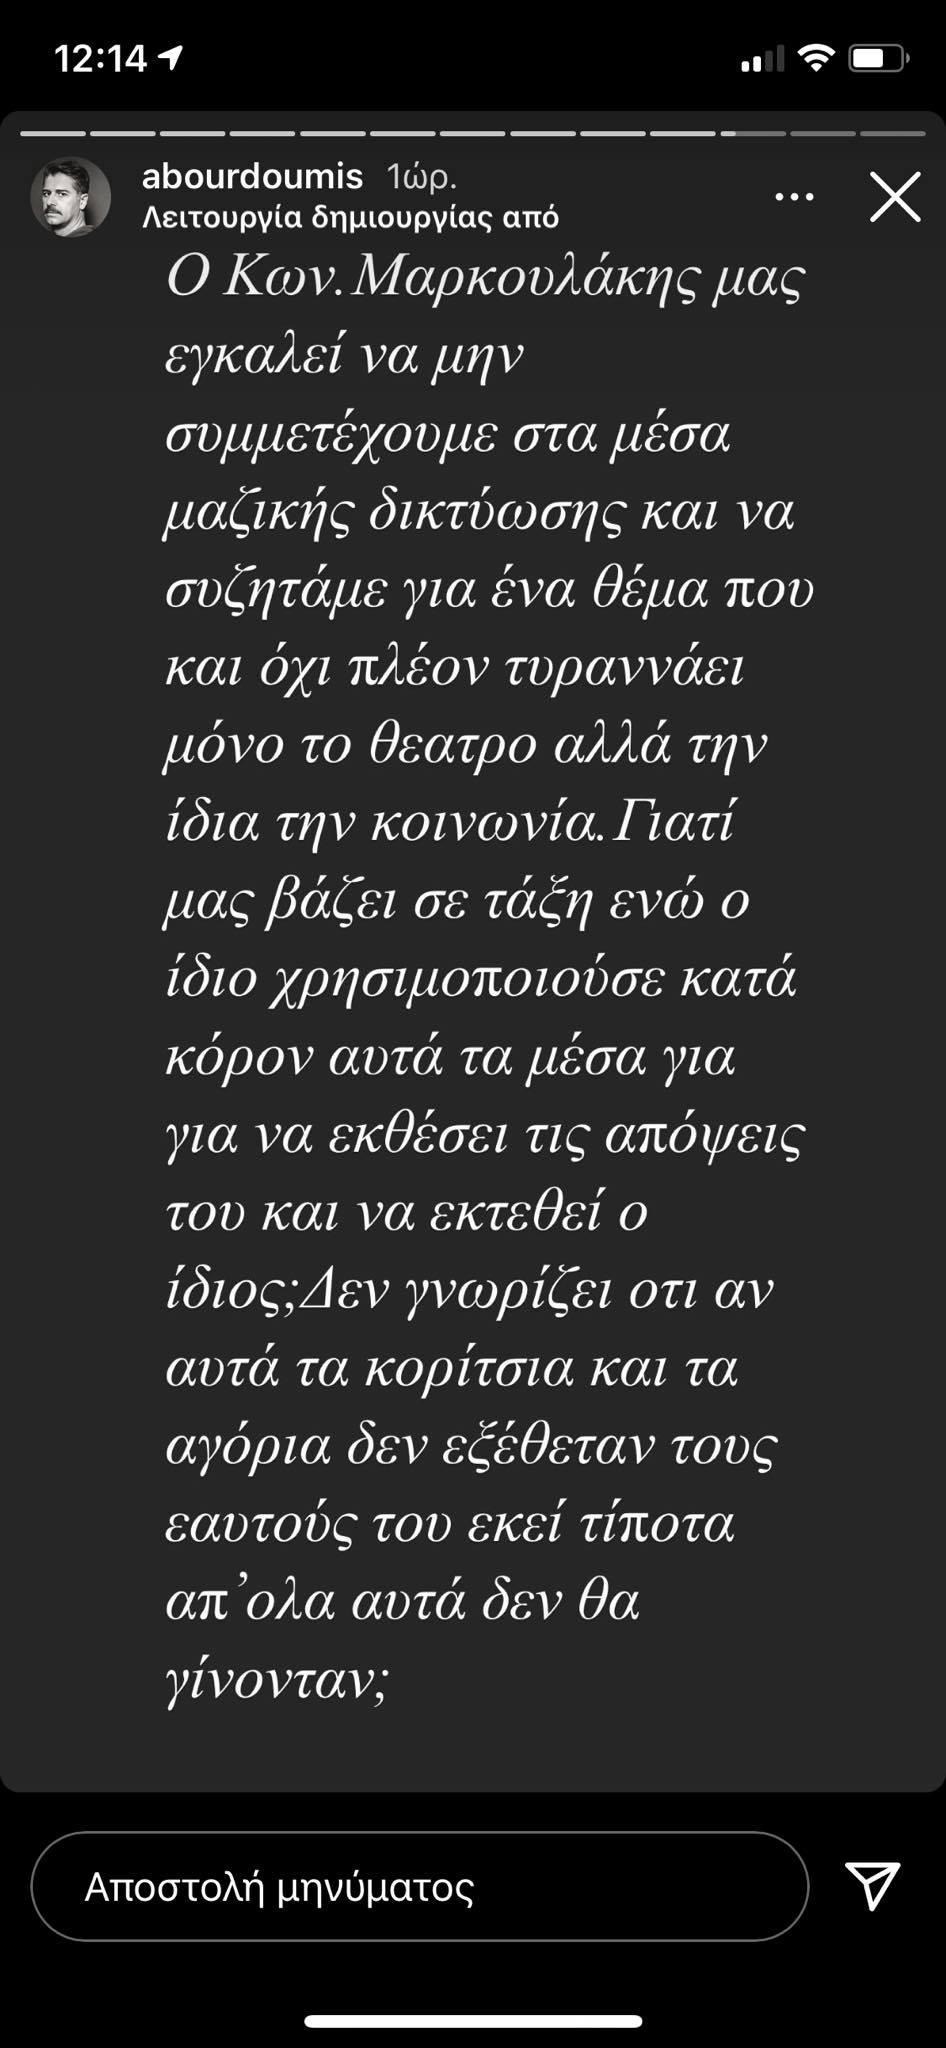 Αλέξανδρος Μπουρδούμης εναντίον Κωνσταντίνου Μαρκουλάκη: «Καλύτερα να σιωπήσεις»